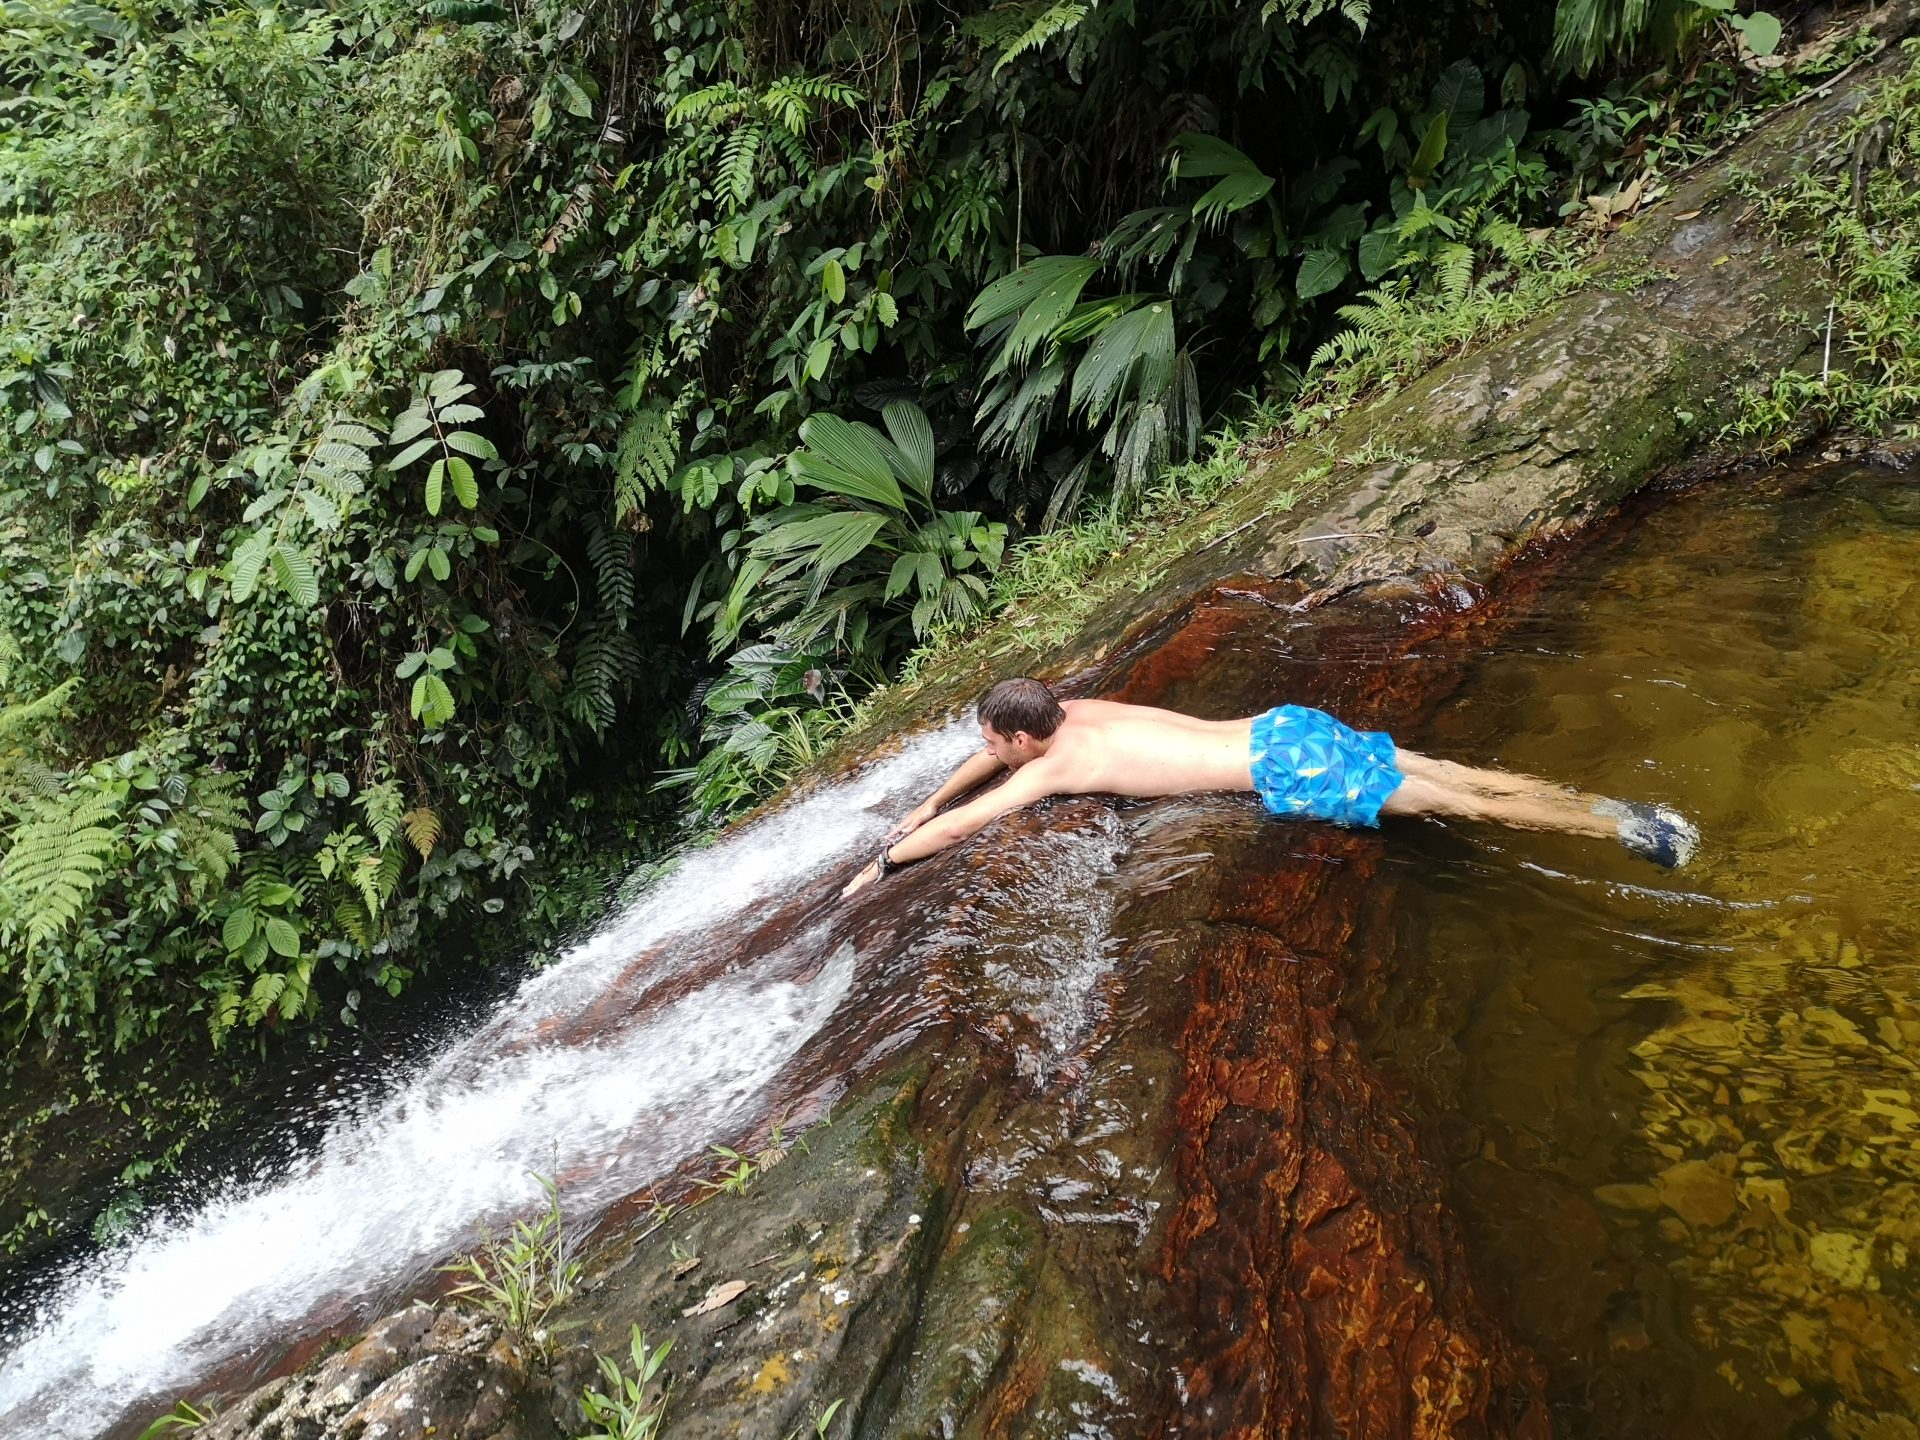 Razglednice iz Latinske Amerike – Tarapoto, najveće ljudsko utvrđenje u džungli